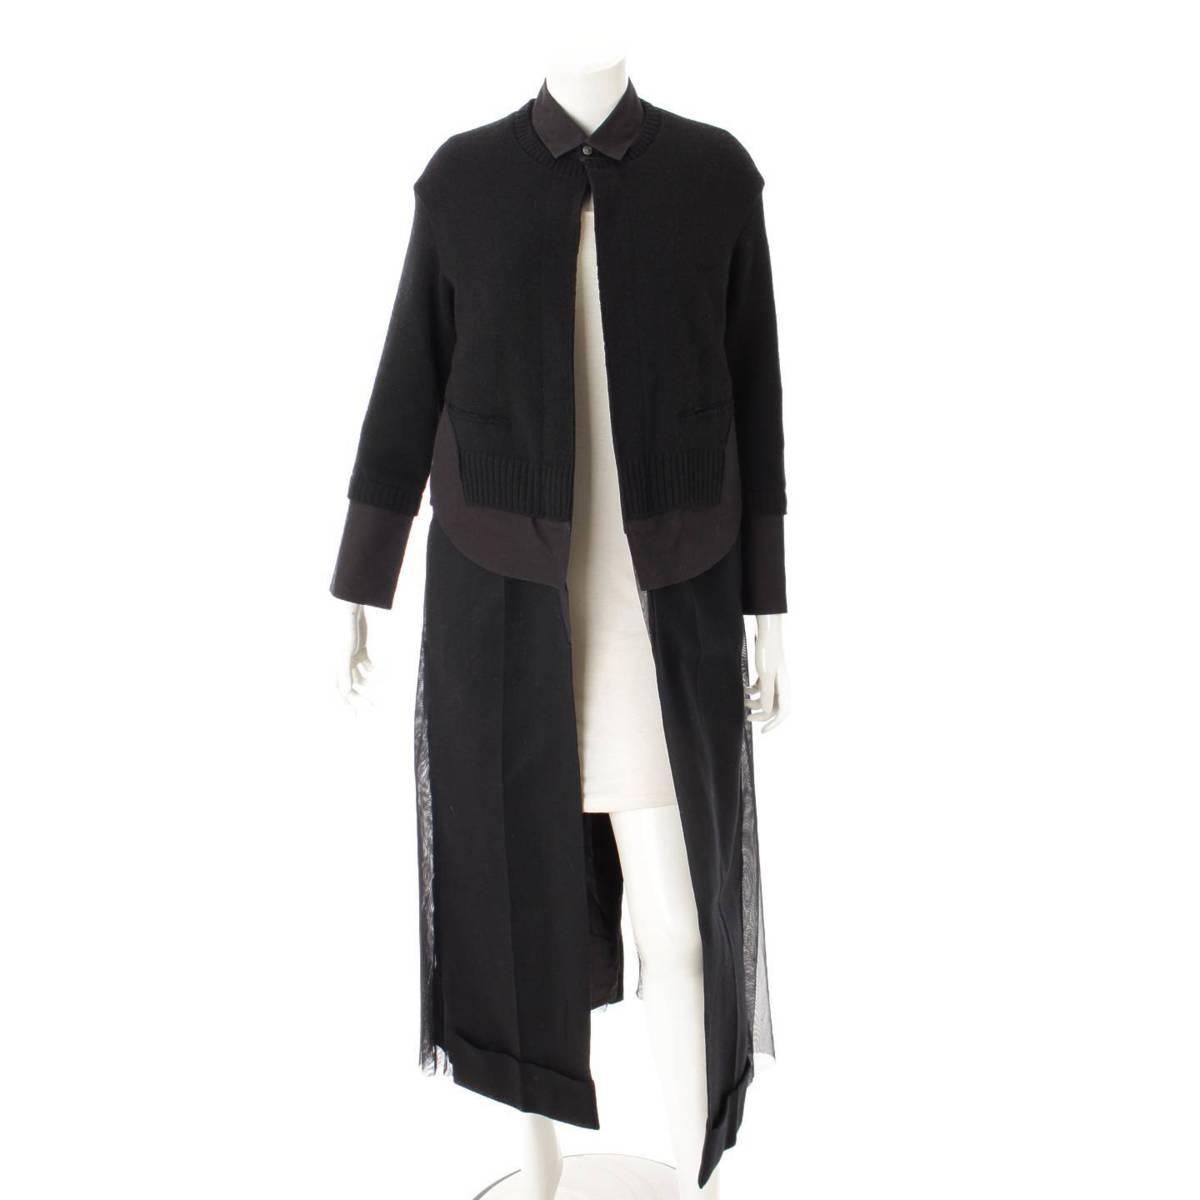 【アンダーカバー】Undercover ニットジョイント ロングコート シャツ ブラック 1 【中古】【鑑定済・正規品保証】87210